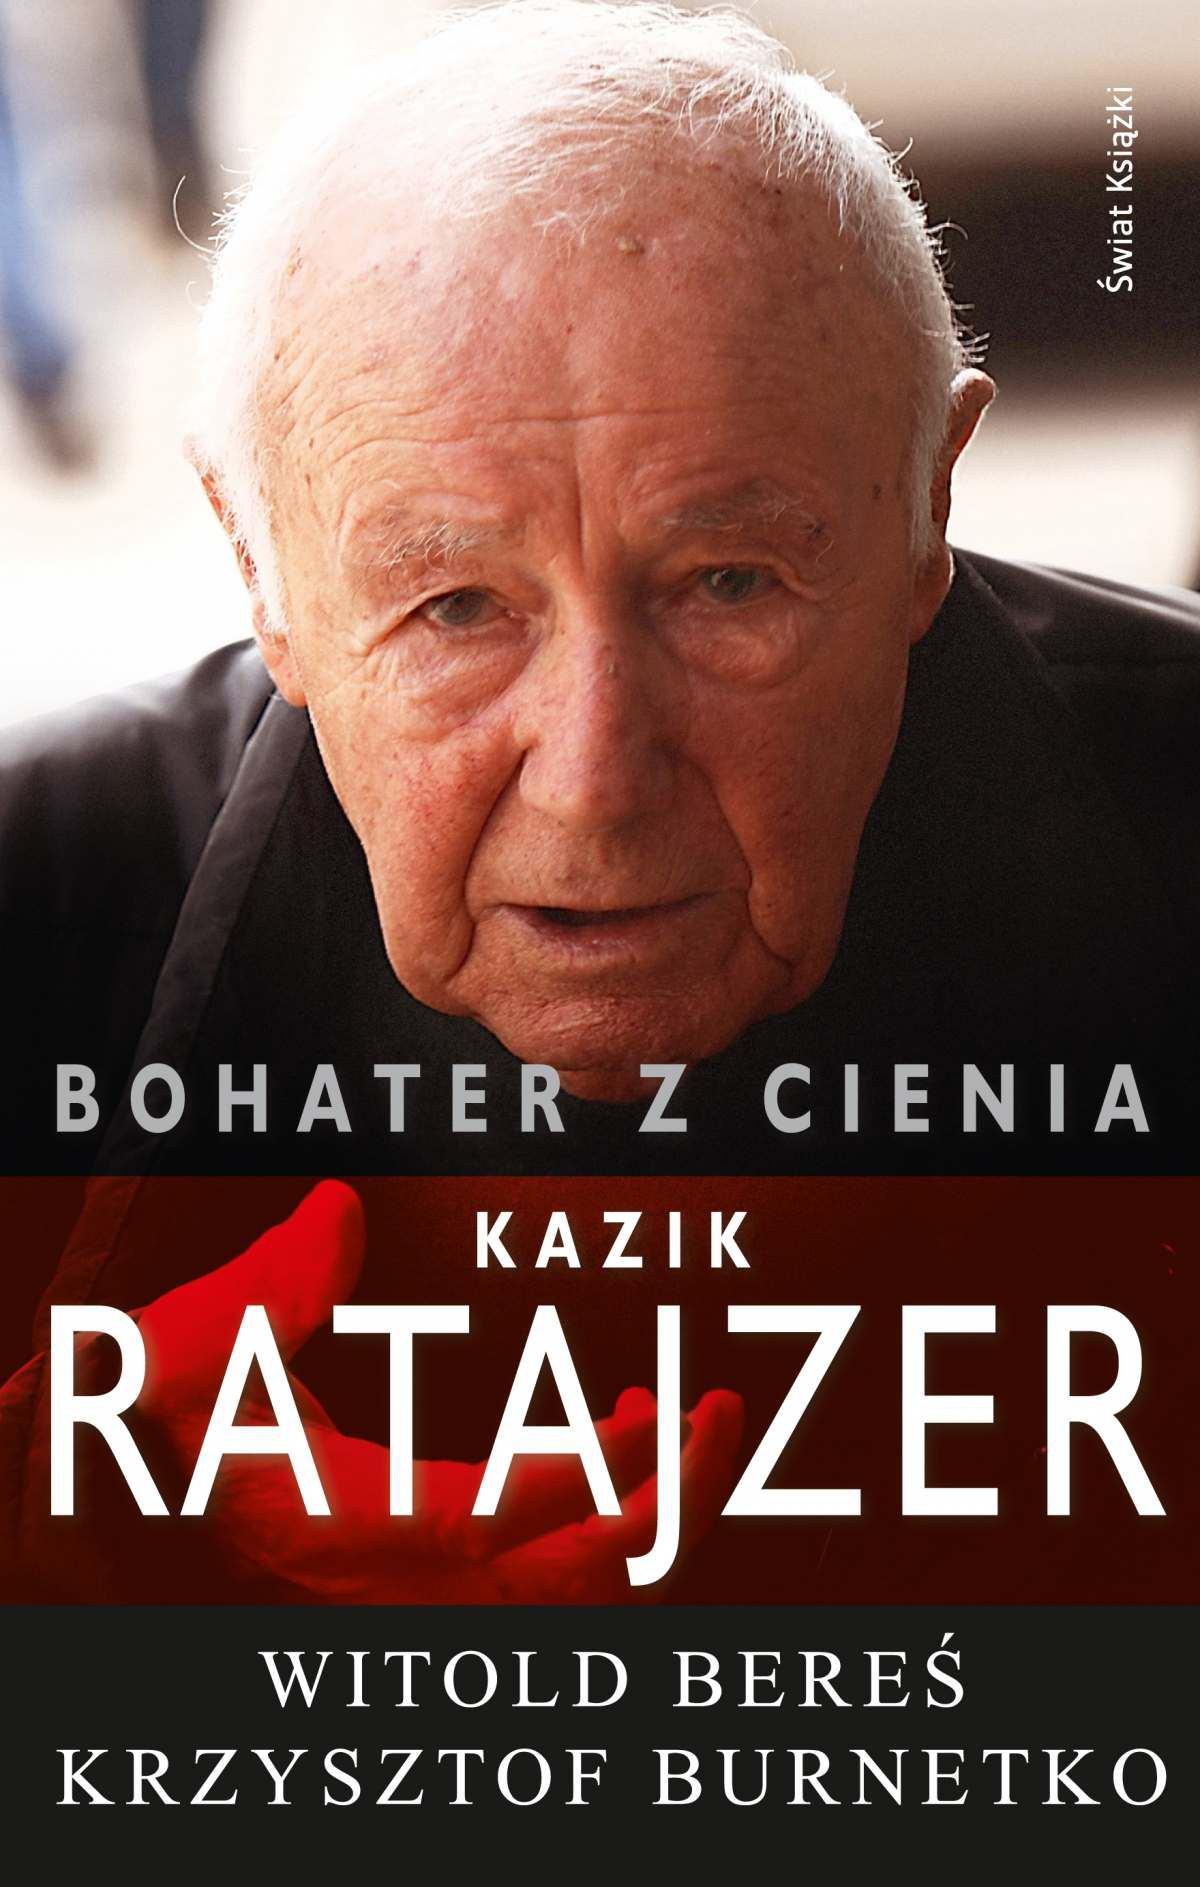 Bohater z cienia. Kazik Ratajzer - Ebook (Książka EPUB) do pobrania w formacie EPUB